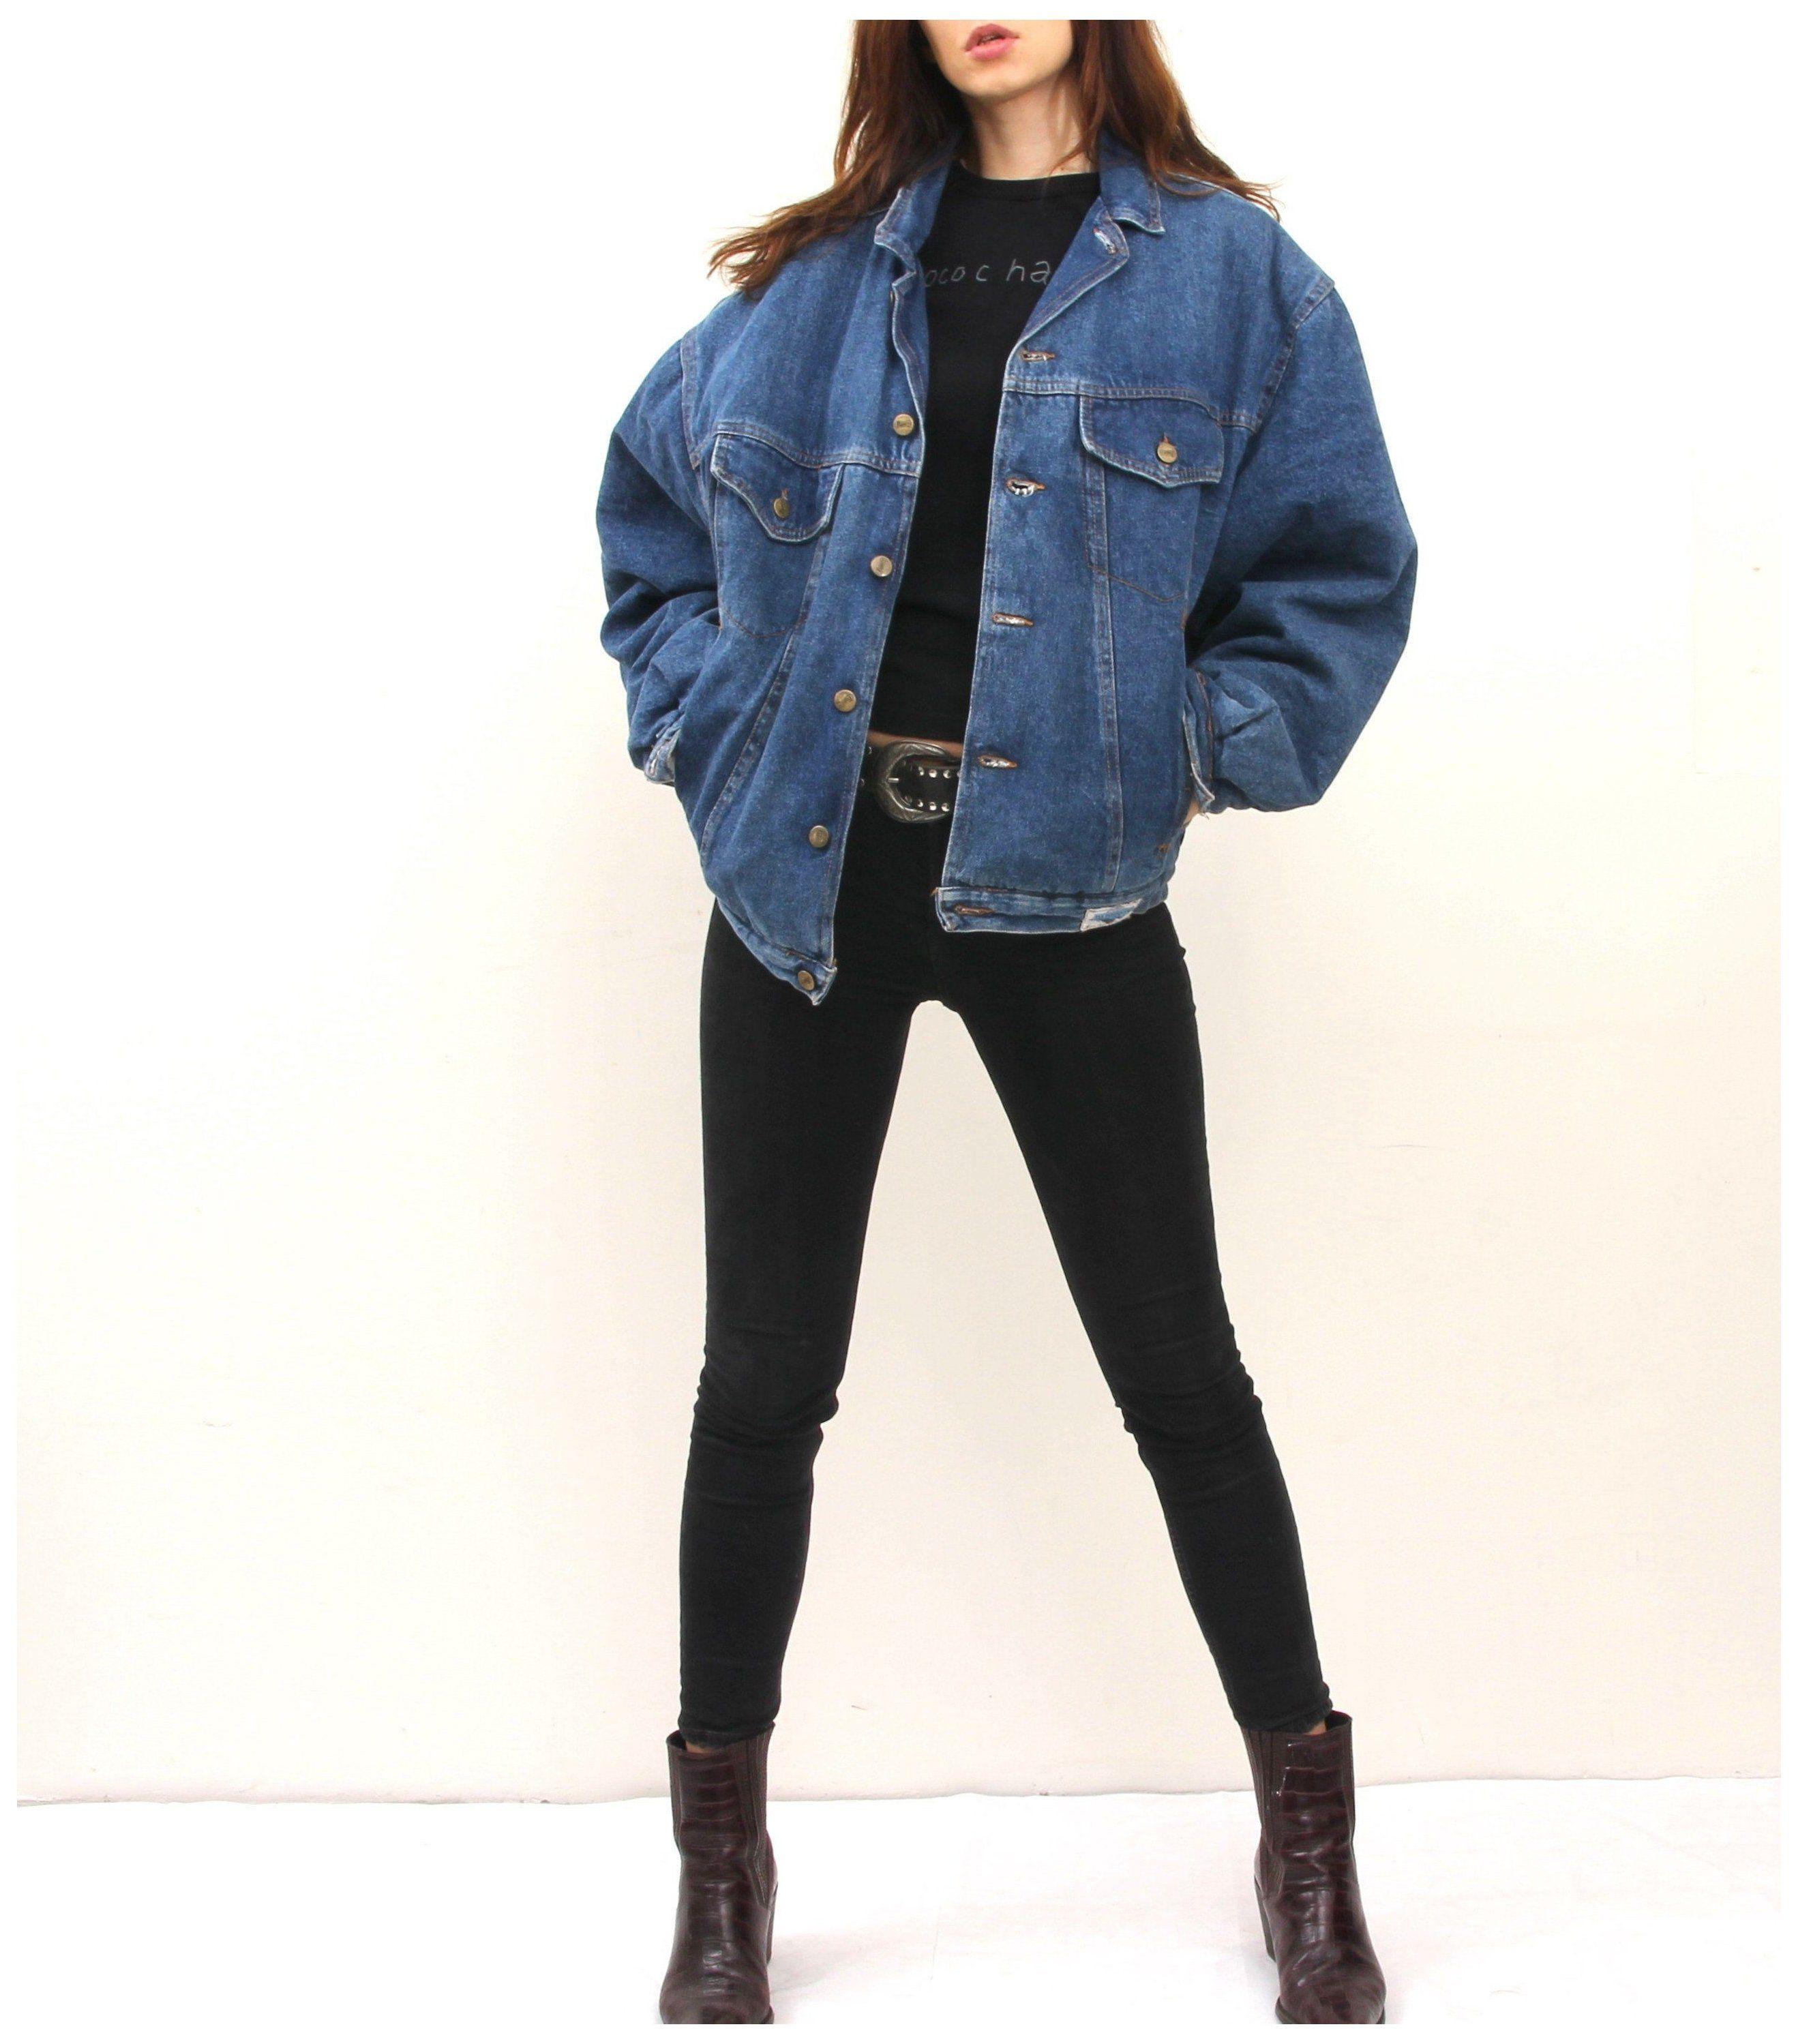 Warmed Denim Jacket Plaid Lined Jean Jacket Large Oversized Jeans Jacket L Vintage Denim Ja Oversized Denim Jacket Outfit Jacket Outfit Women Jacket Outfits [ 2998 x 2637 Pixel ]